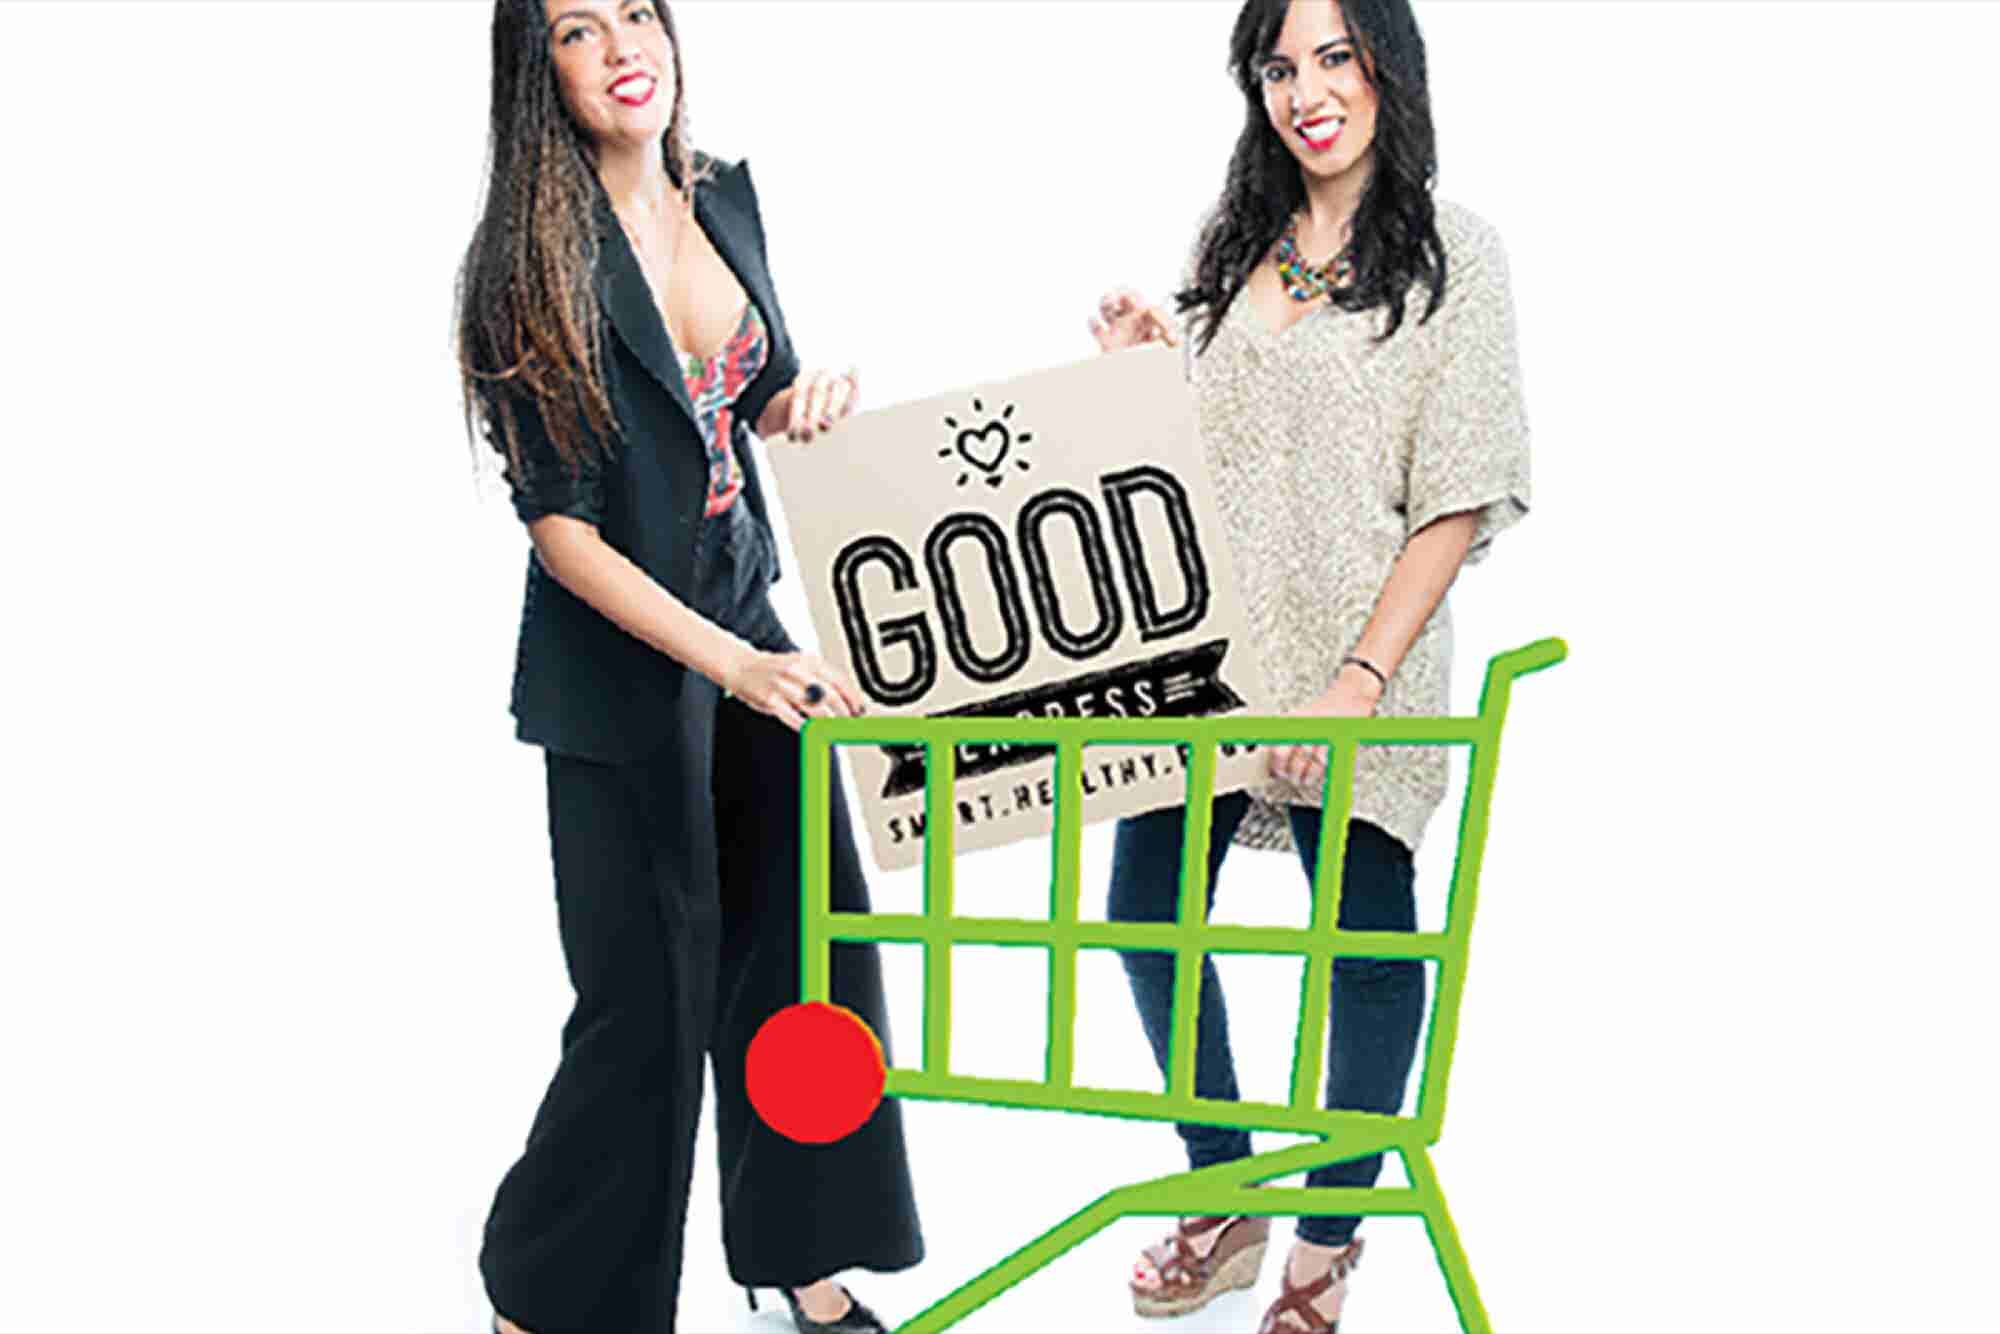 GoodExpress: Una opción saludable